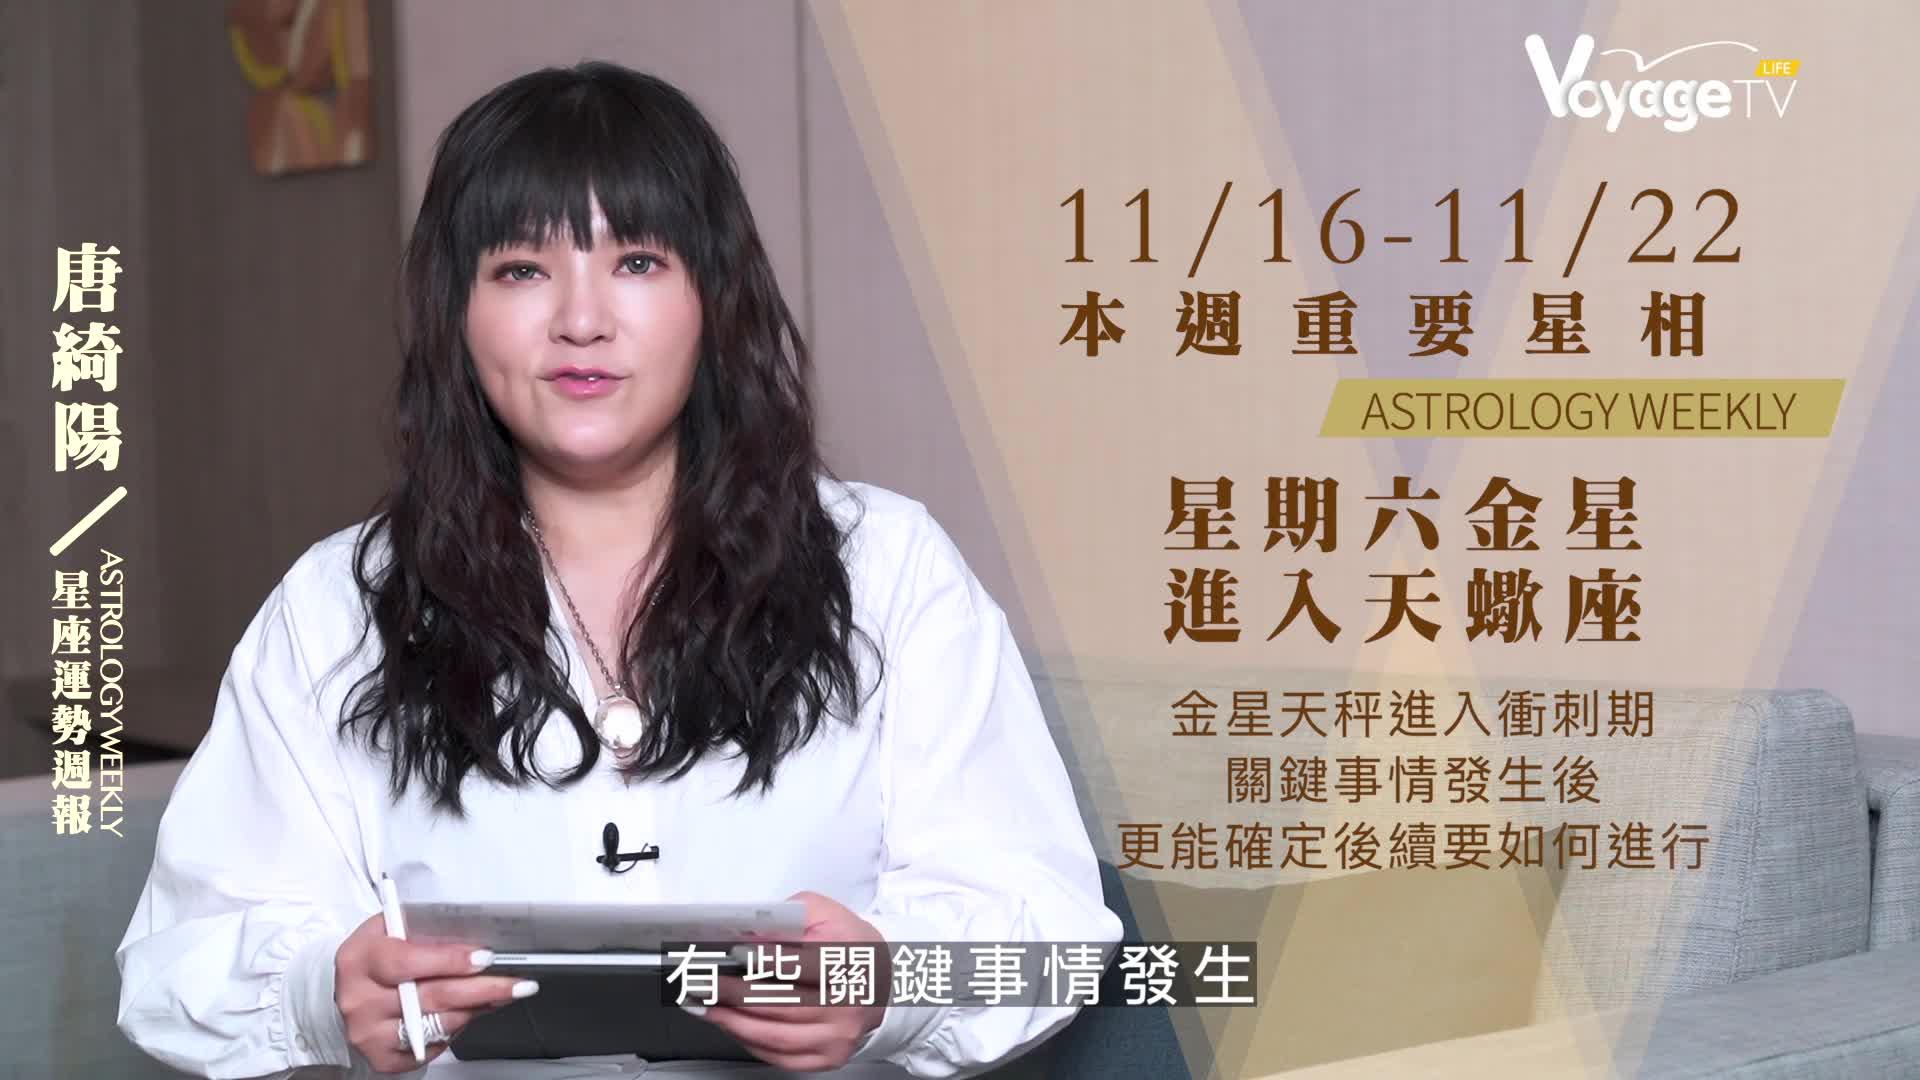 唐綺陽本週星座運勢解析:11/16 - 11/22 2020